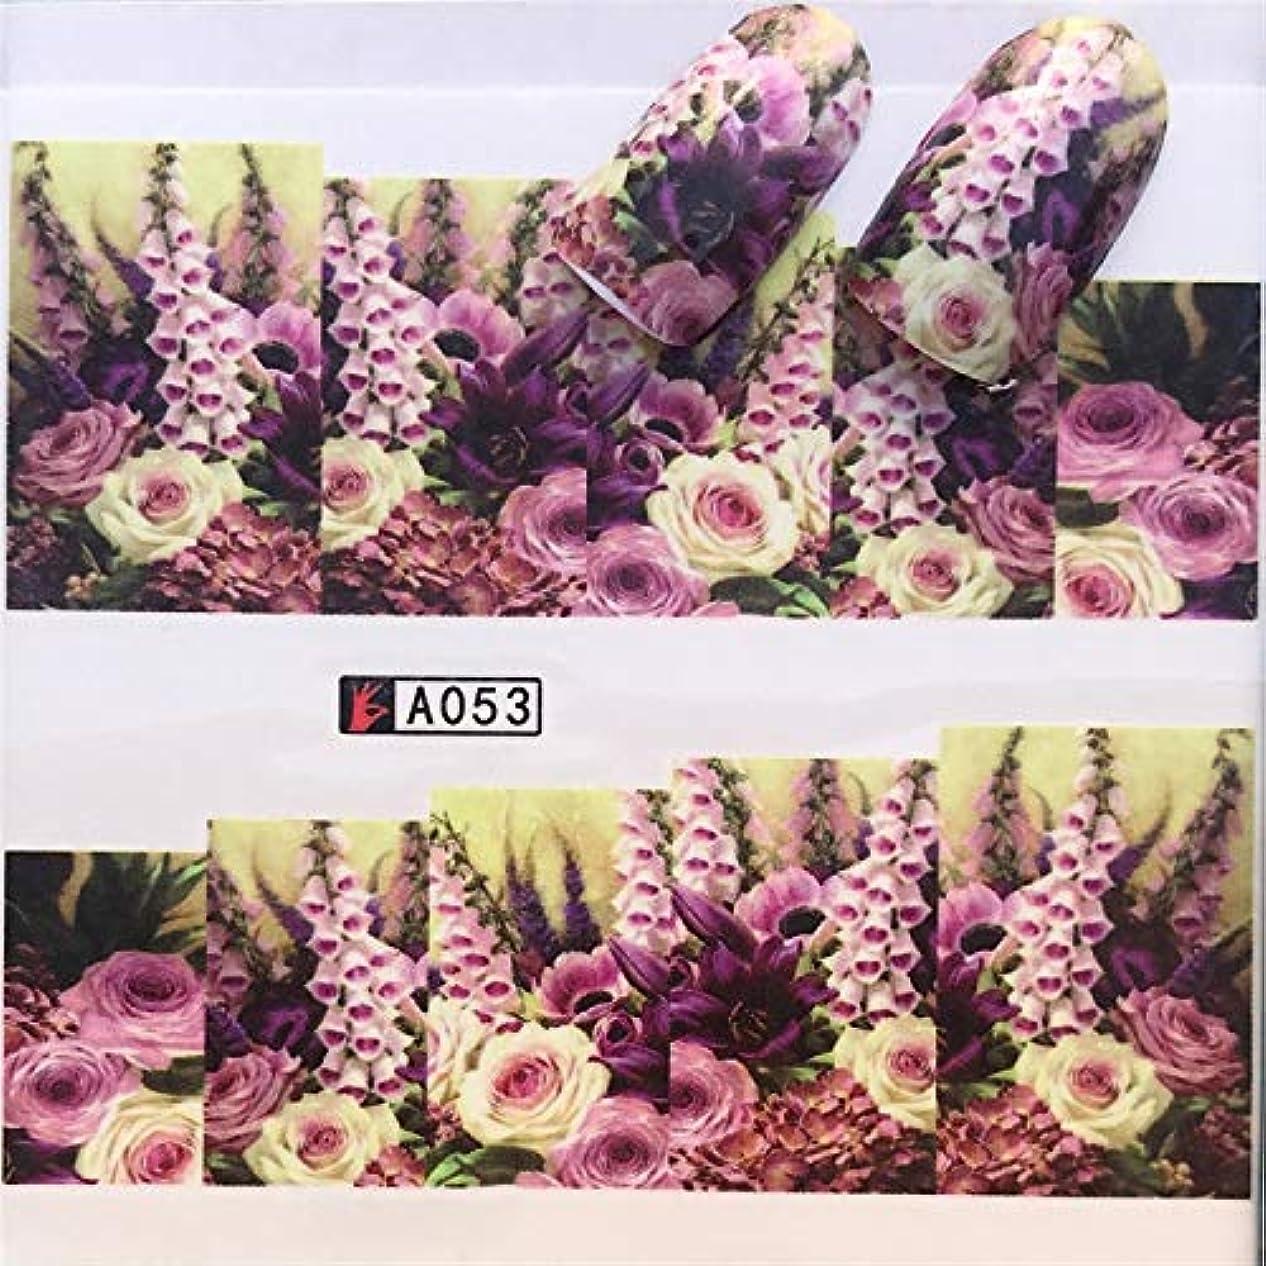 子孫呪いコンセンサス手足ビューティーケア 3個ネイルステッカーセットデカール水転写スライダーネイルアートデコレーション、色:YZWA053